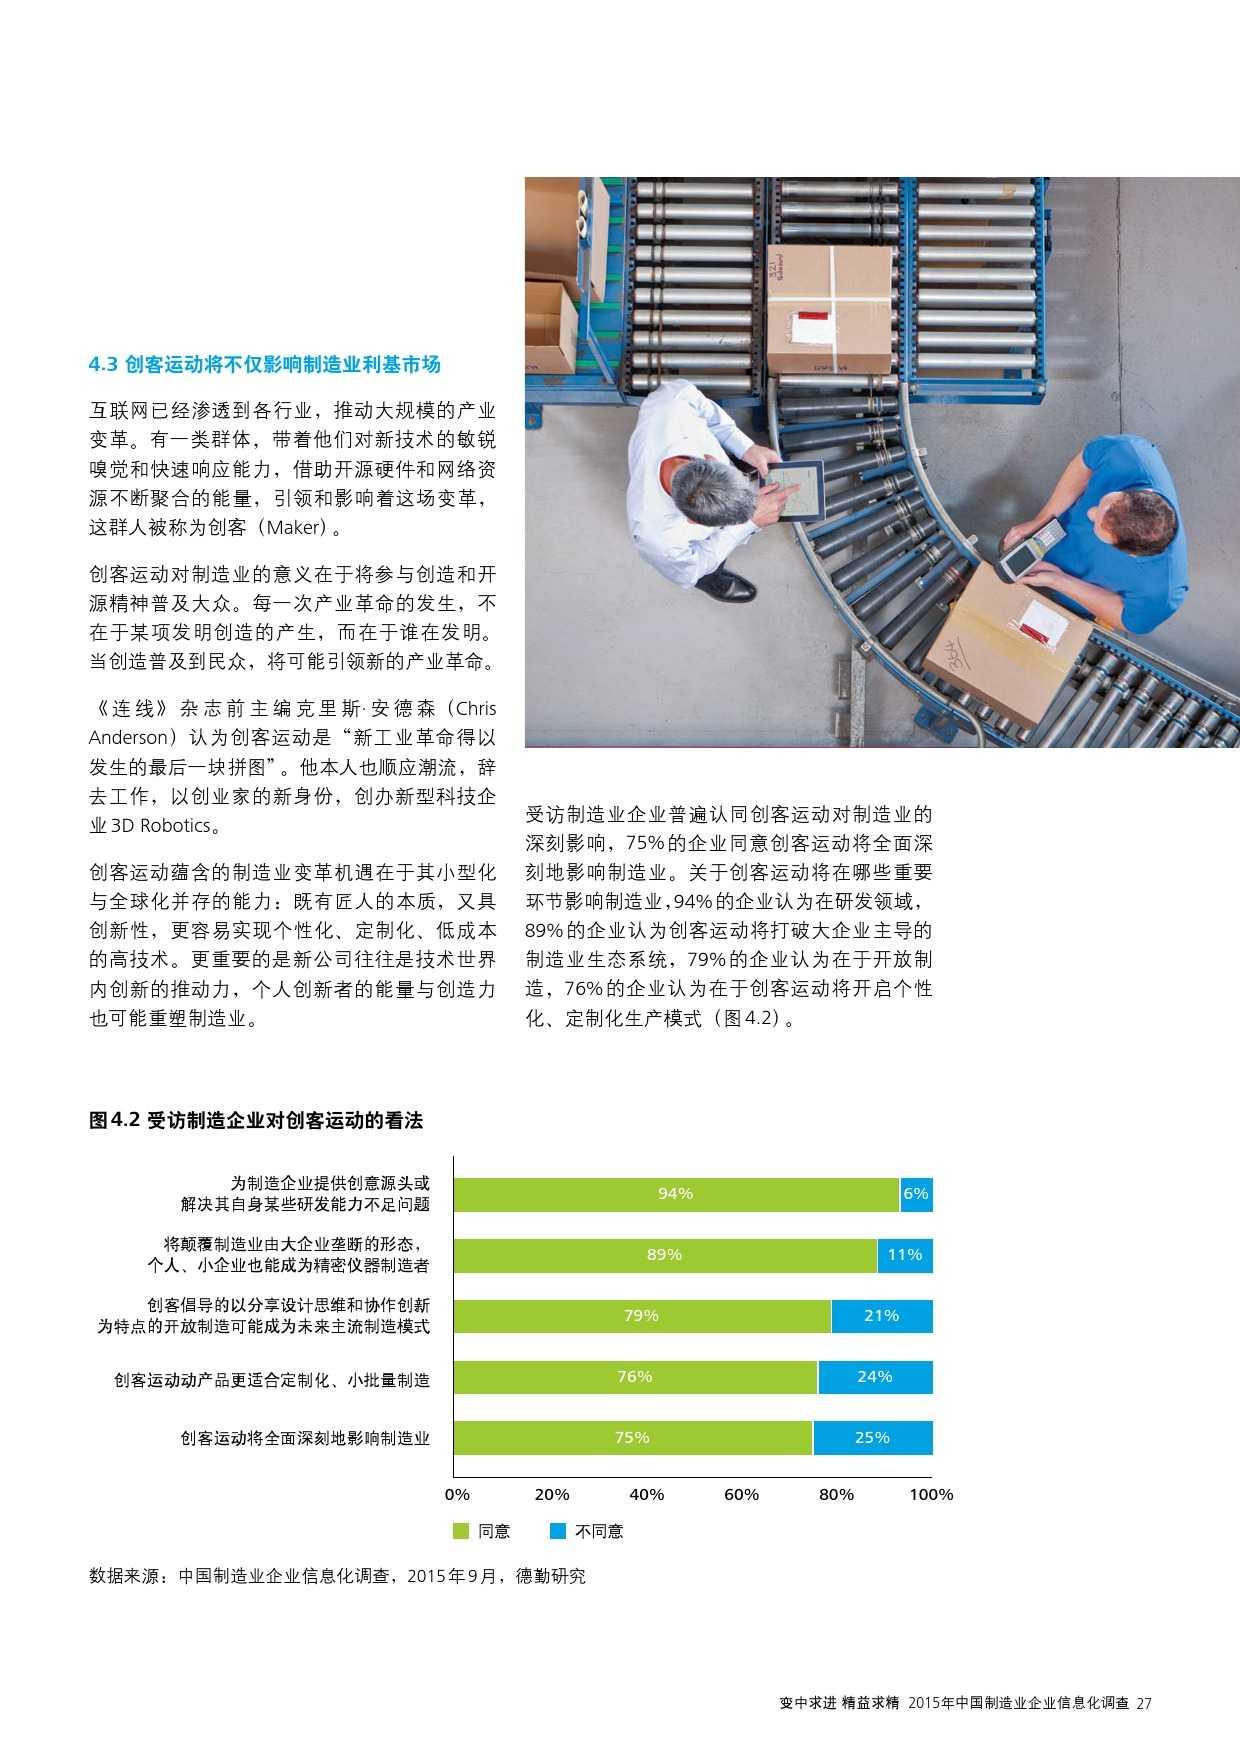 2015年中国制造业企业信息化调查_000029